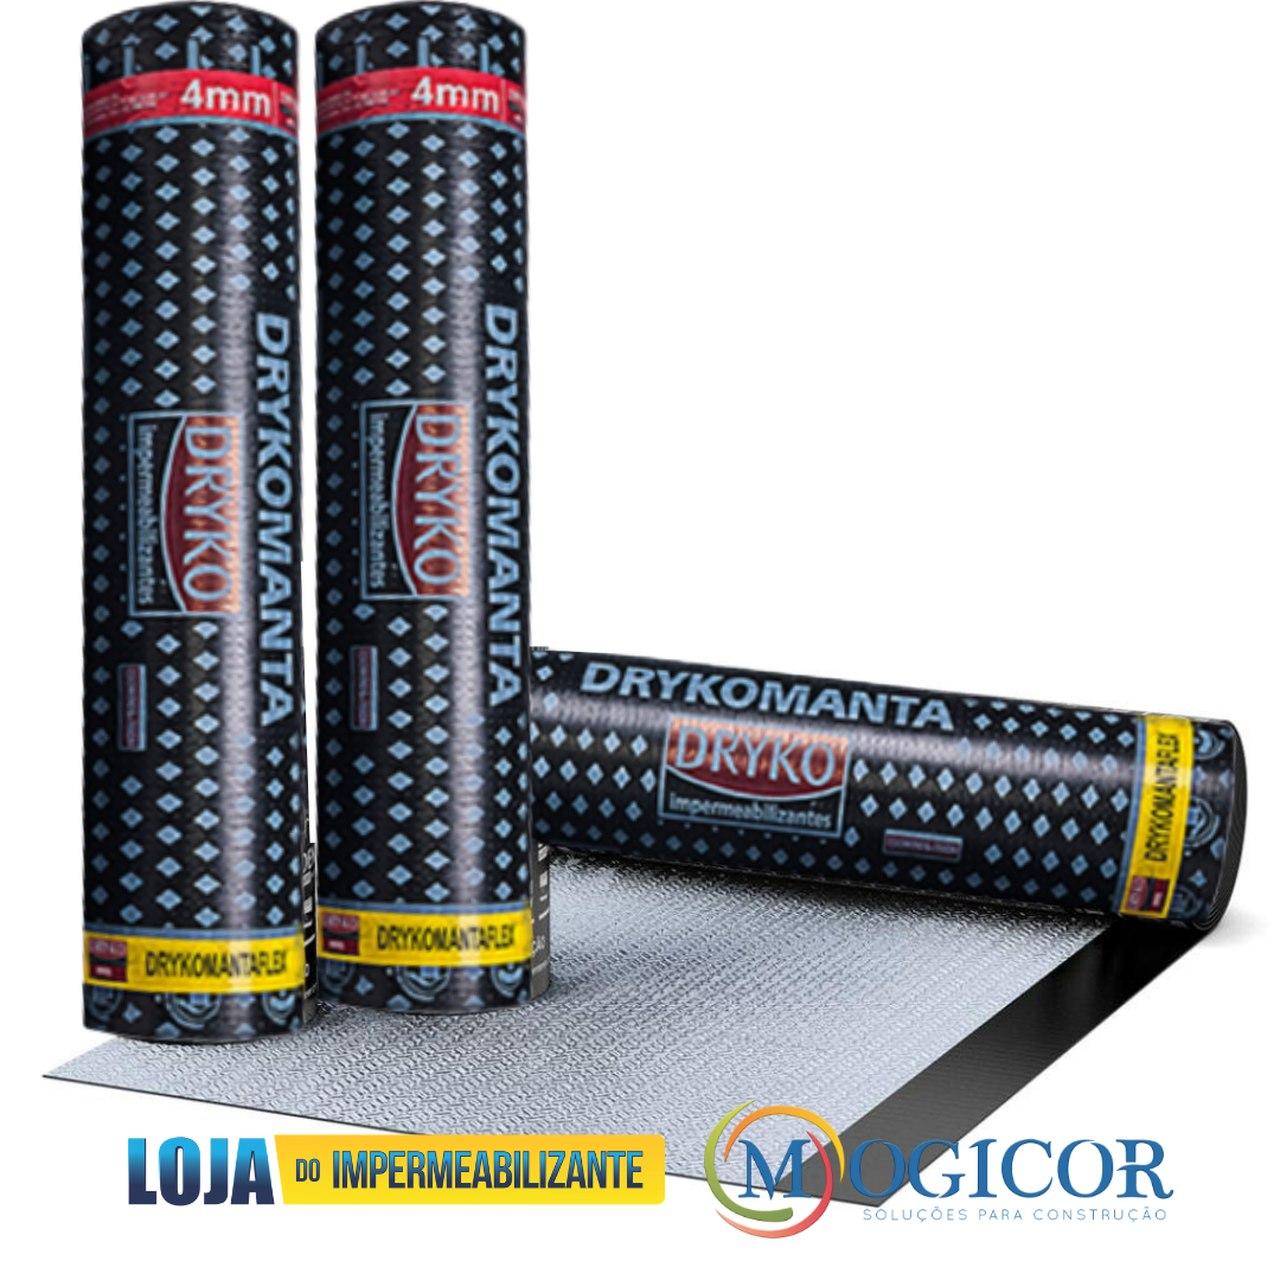 Manta Asfáltica Impermeabilizante 4mm x 1m p/ Lajes, Terraços, Banheiros, Calhas DRYKOMANTA FLEX